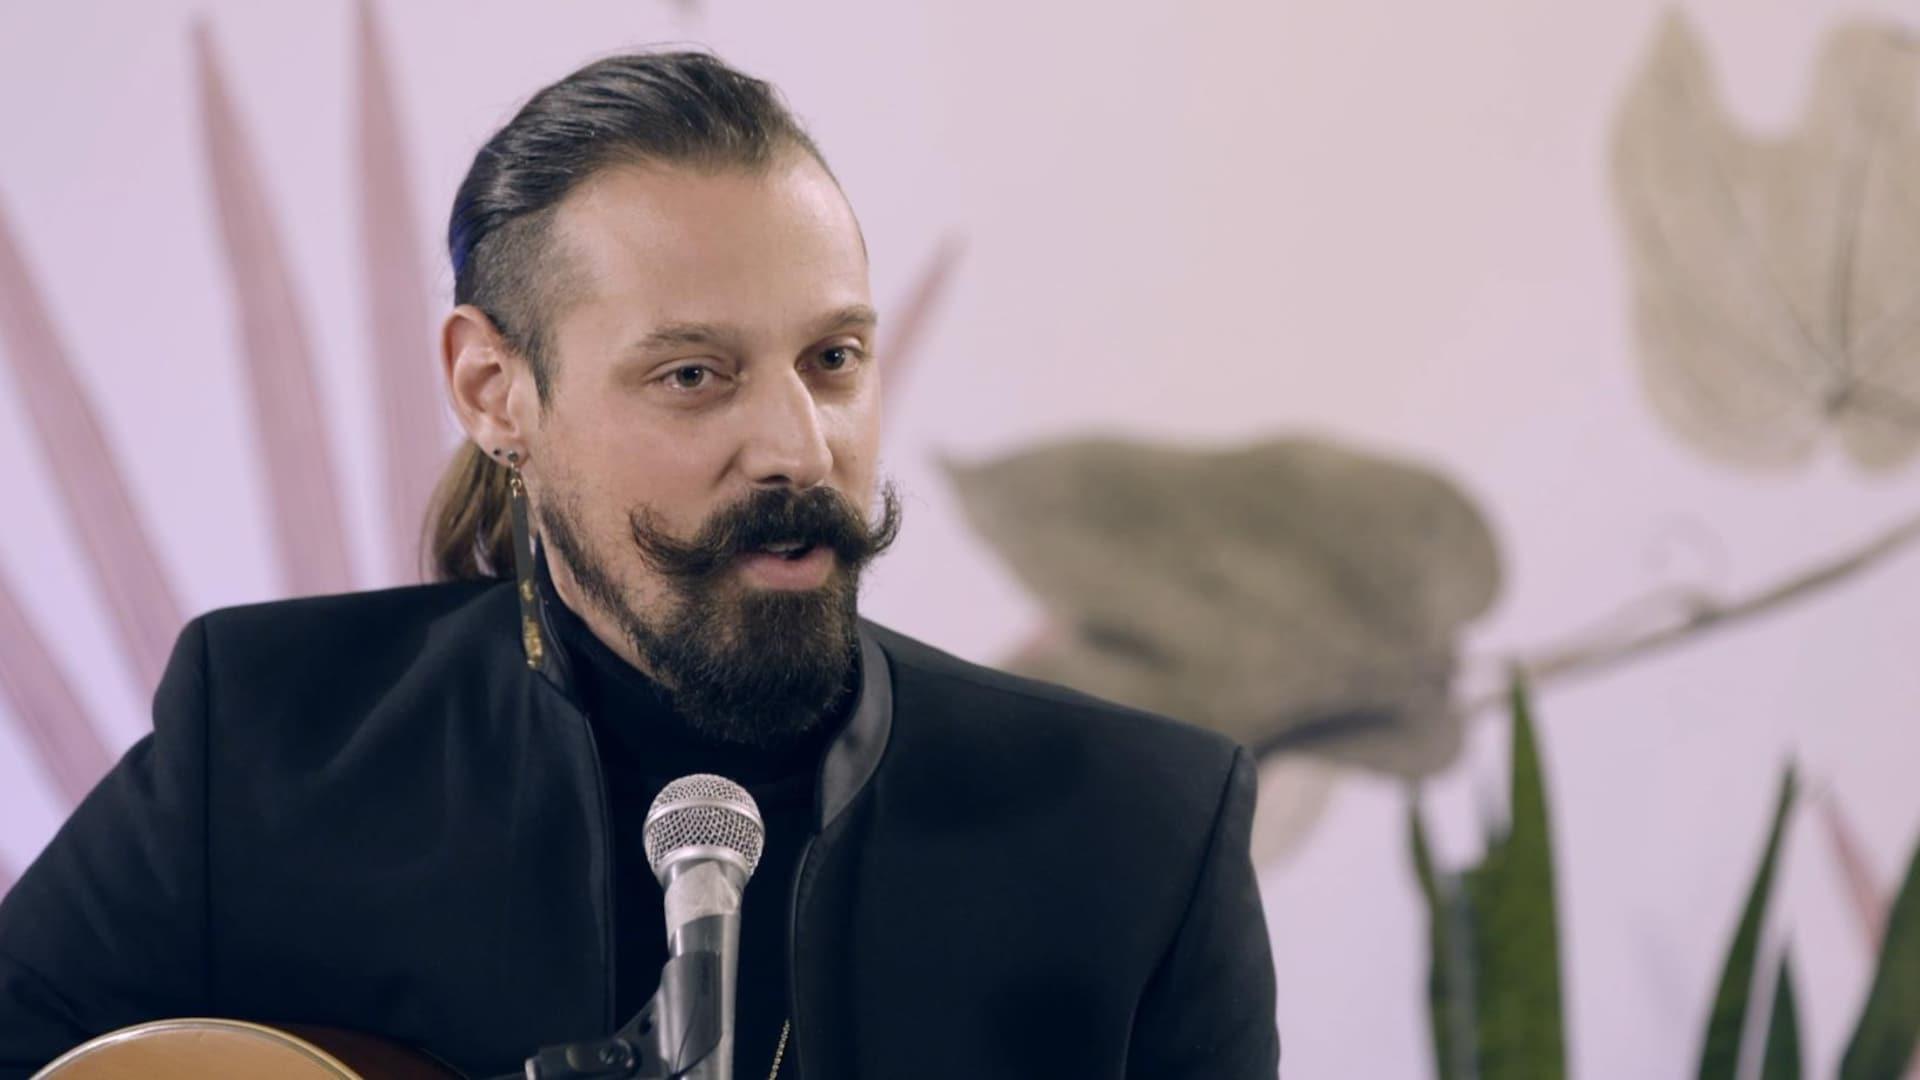 L'auteur-compositeur-interprète Daniel Péloquin-Hopfner parle au micro de Vos idées en chansons.